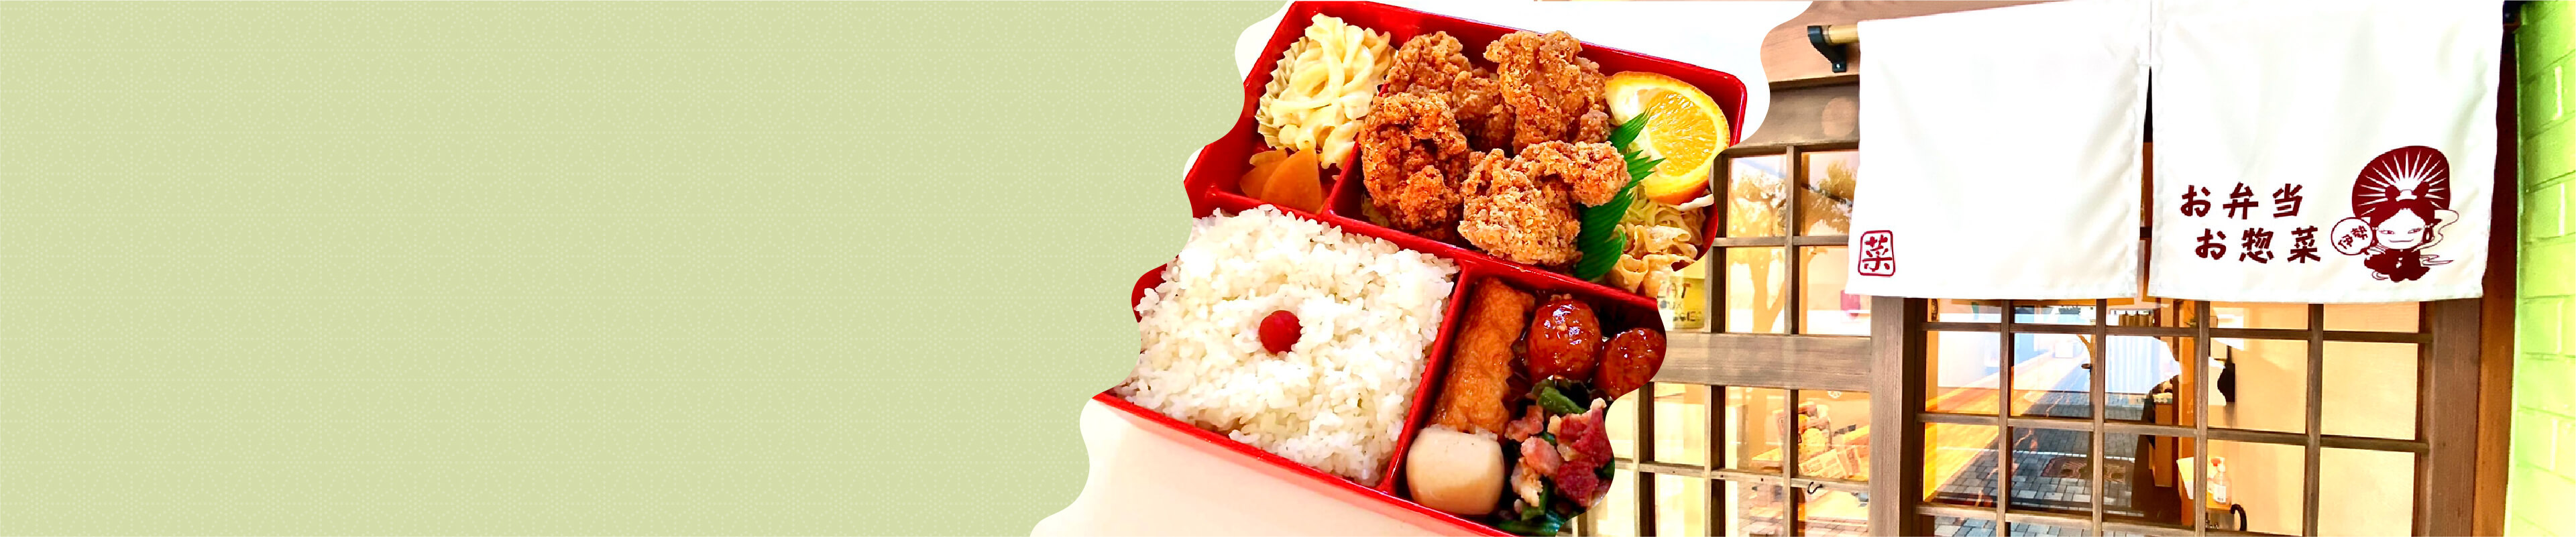 お弁当・お惣菜